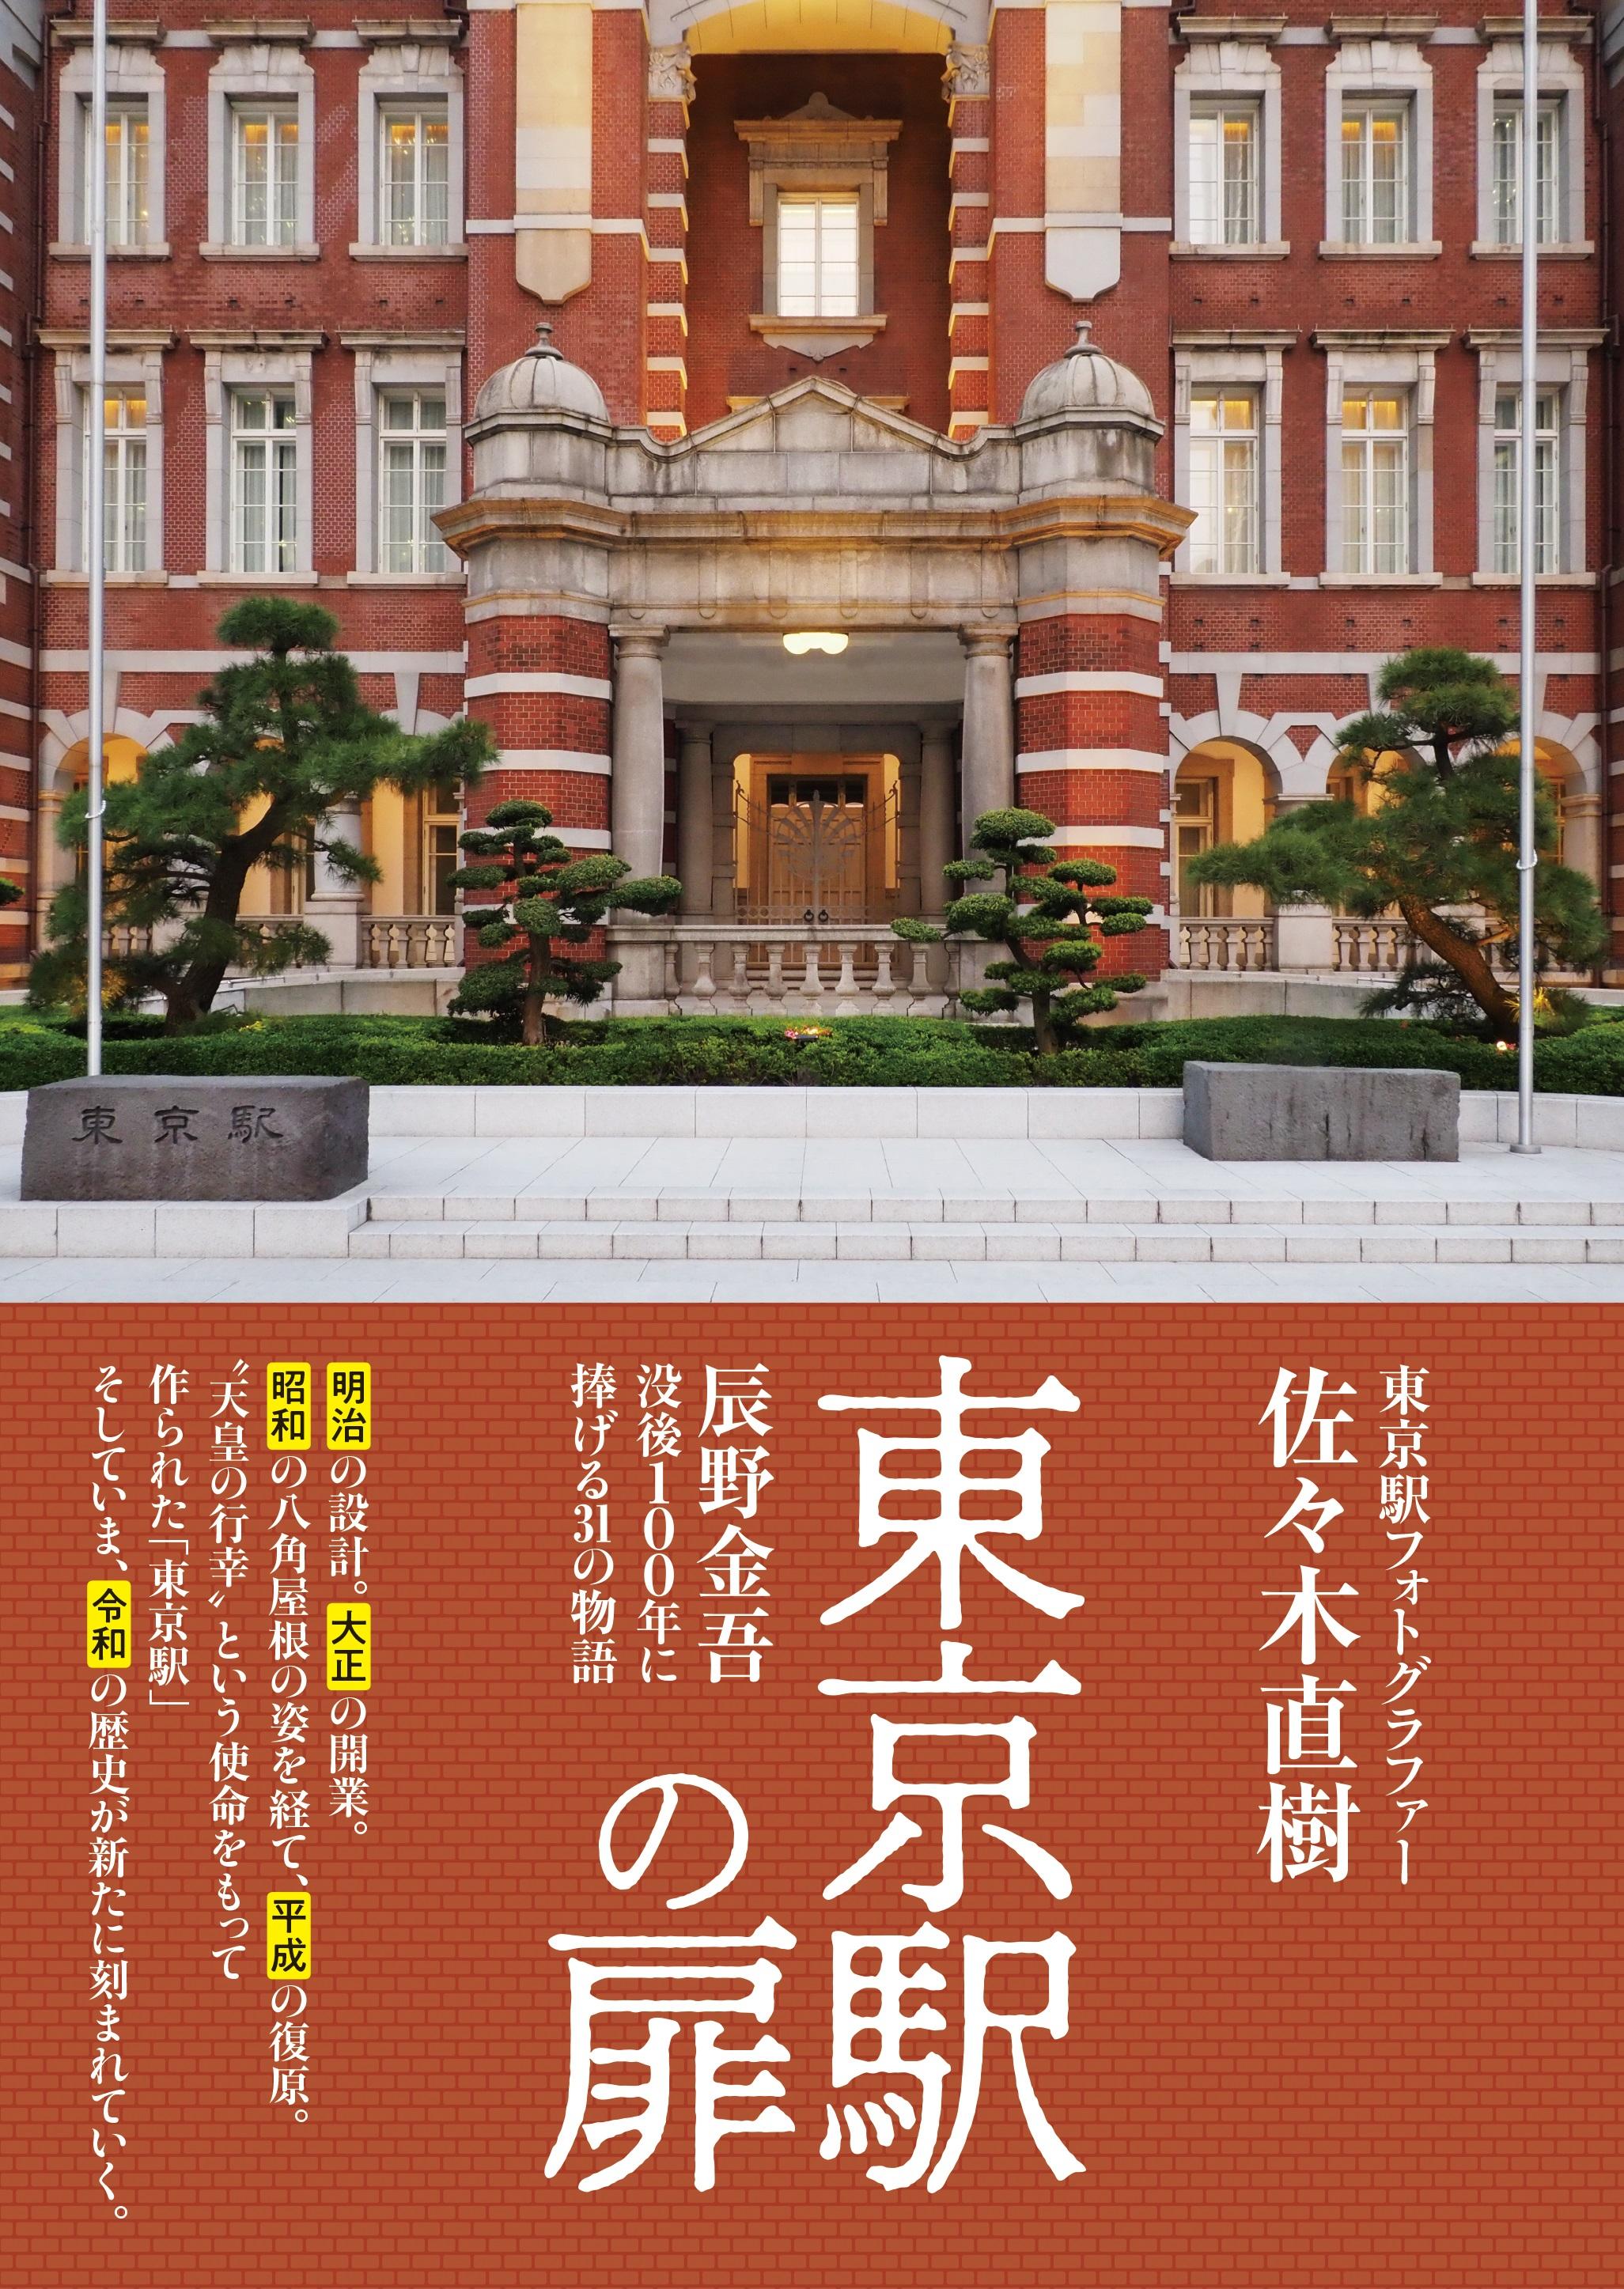 東京駅の扉 辰野金吾没後100年に捧げる31の物語